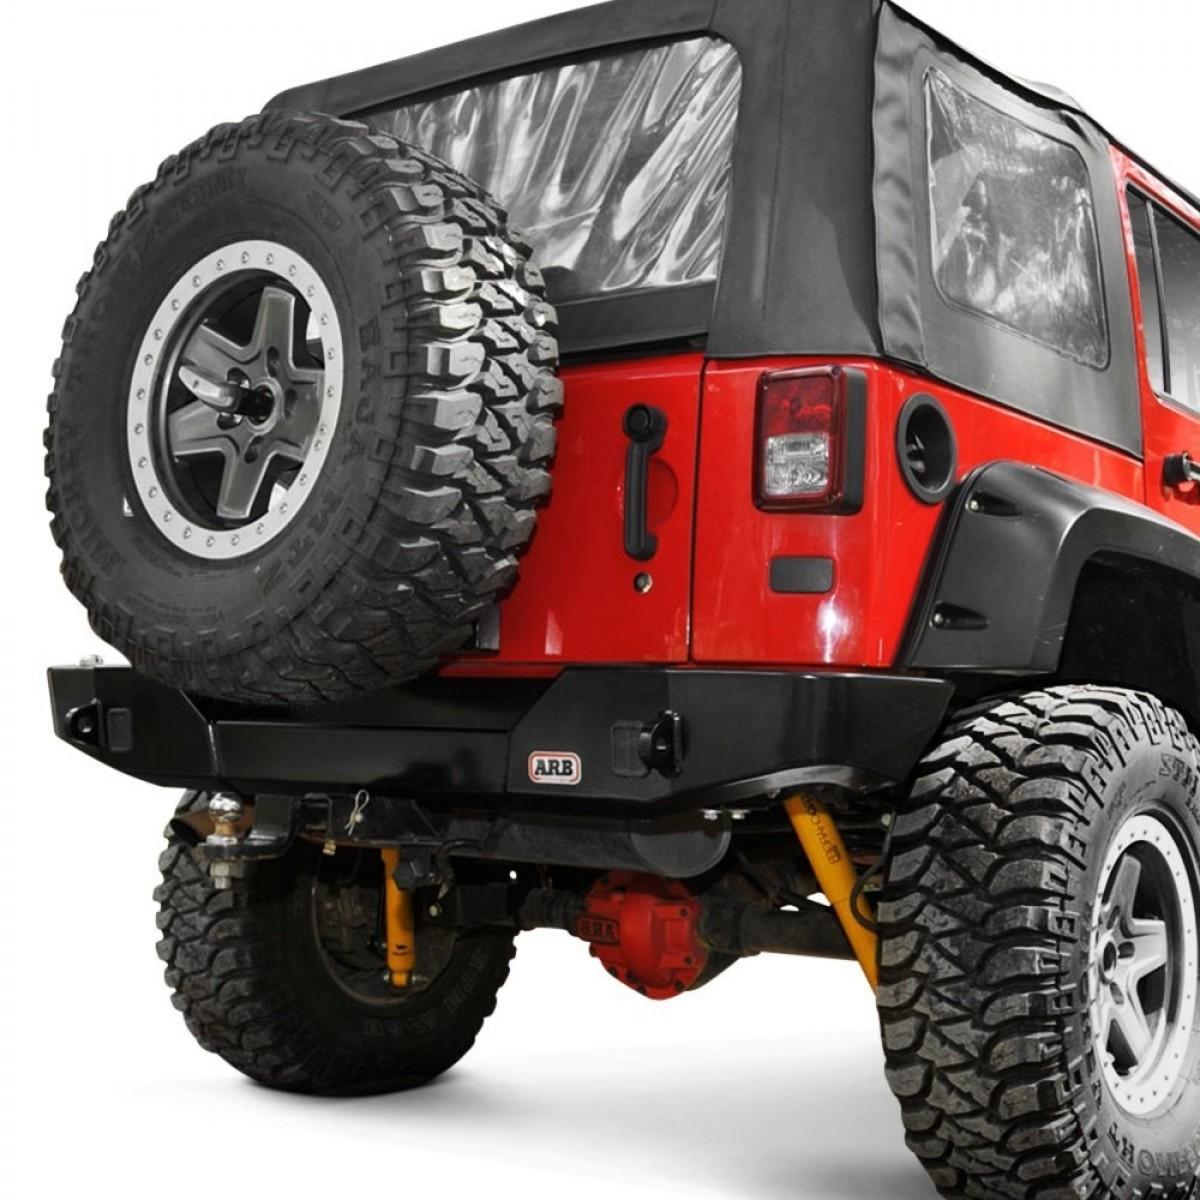 DEFENSA ARB TRASERA Jeep Wrangler JK 07 – A-5650350